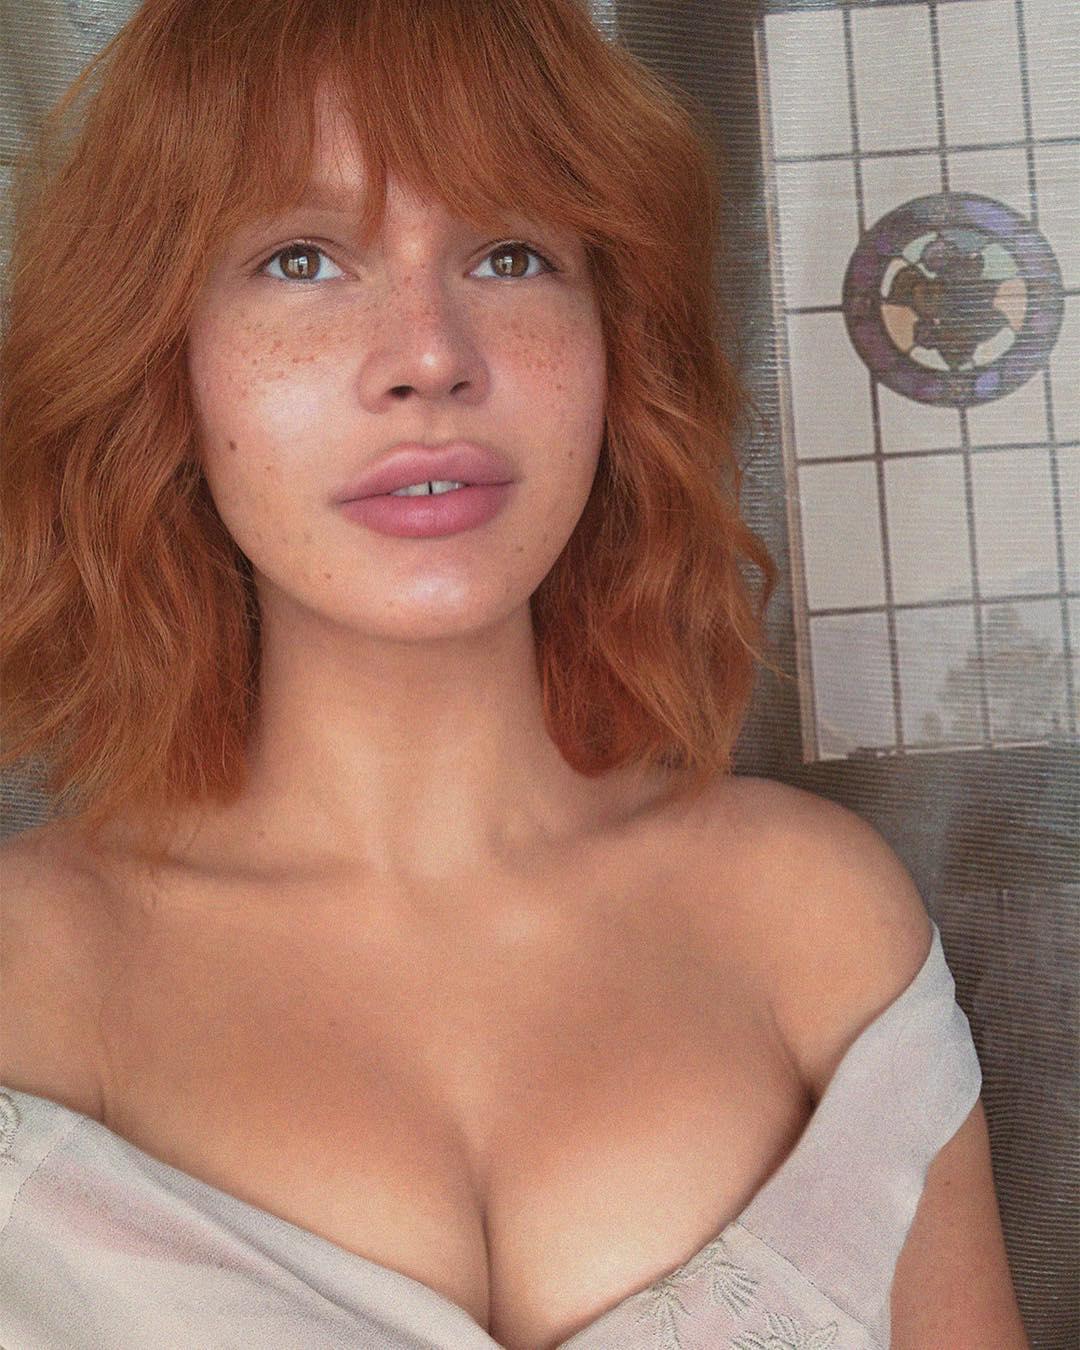 «Антошка, пойдем копать картошку»: певица-трансгендер Зианджа сменила образ и стала похожа на советского мультперсонажа